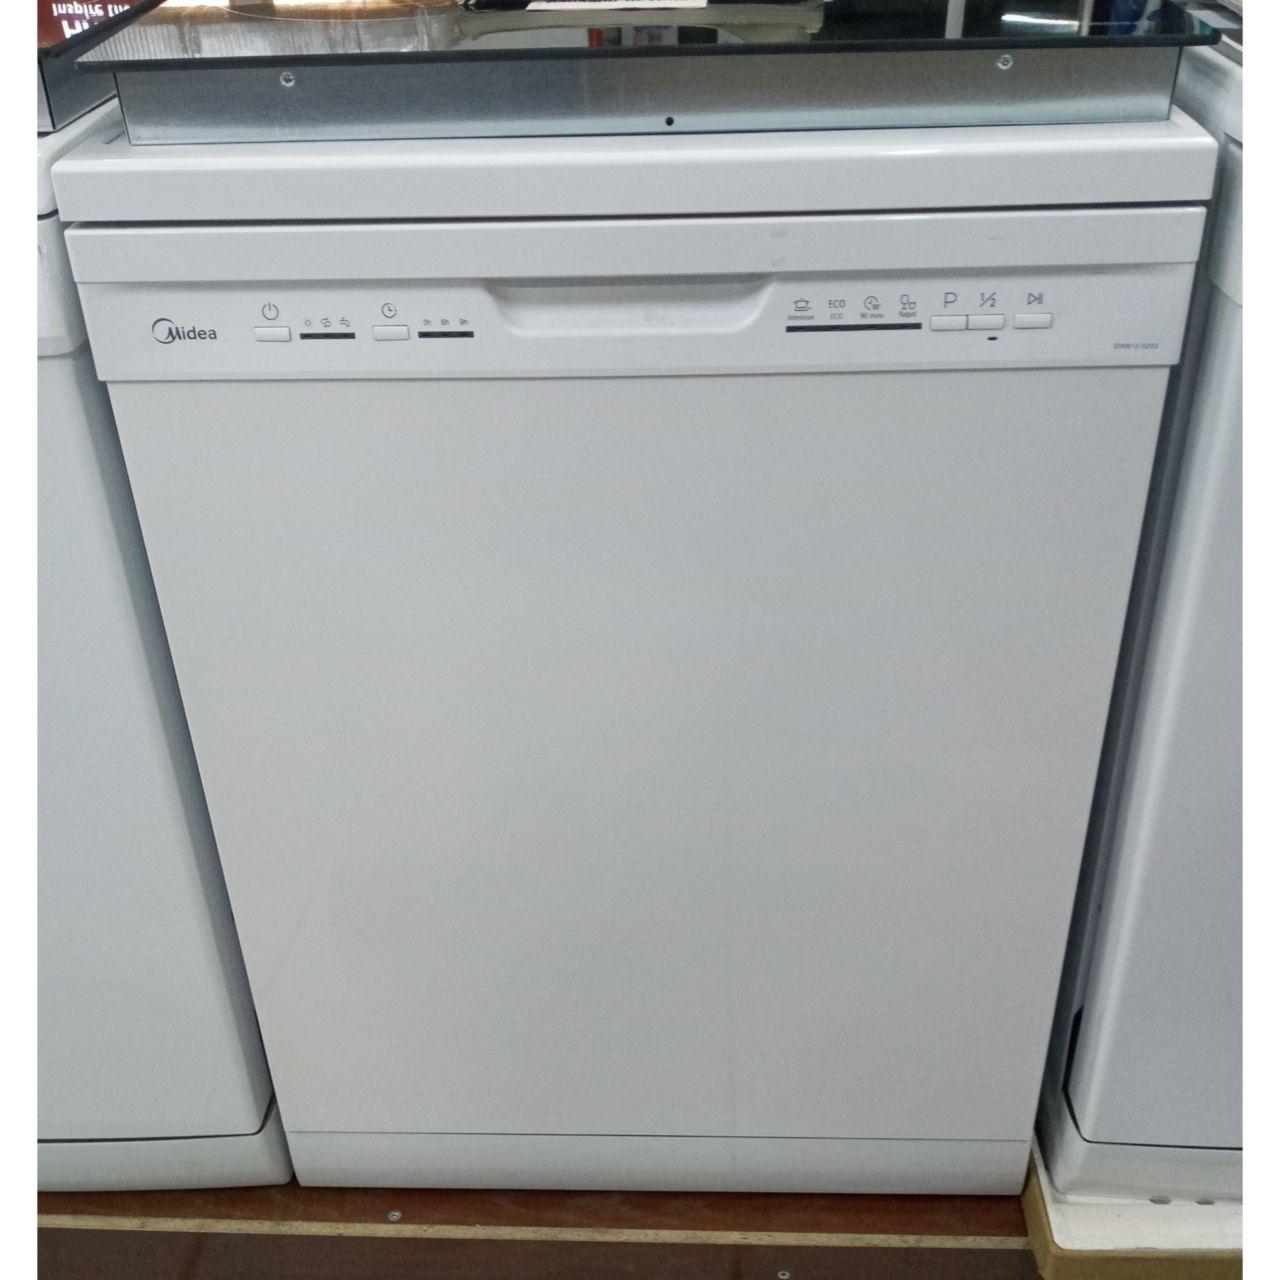 Посудомоечная машина Midea на 12 персон